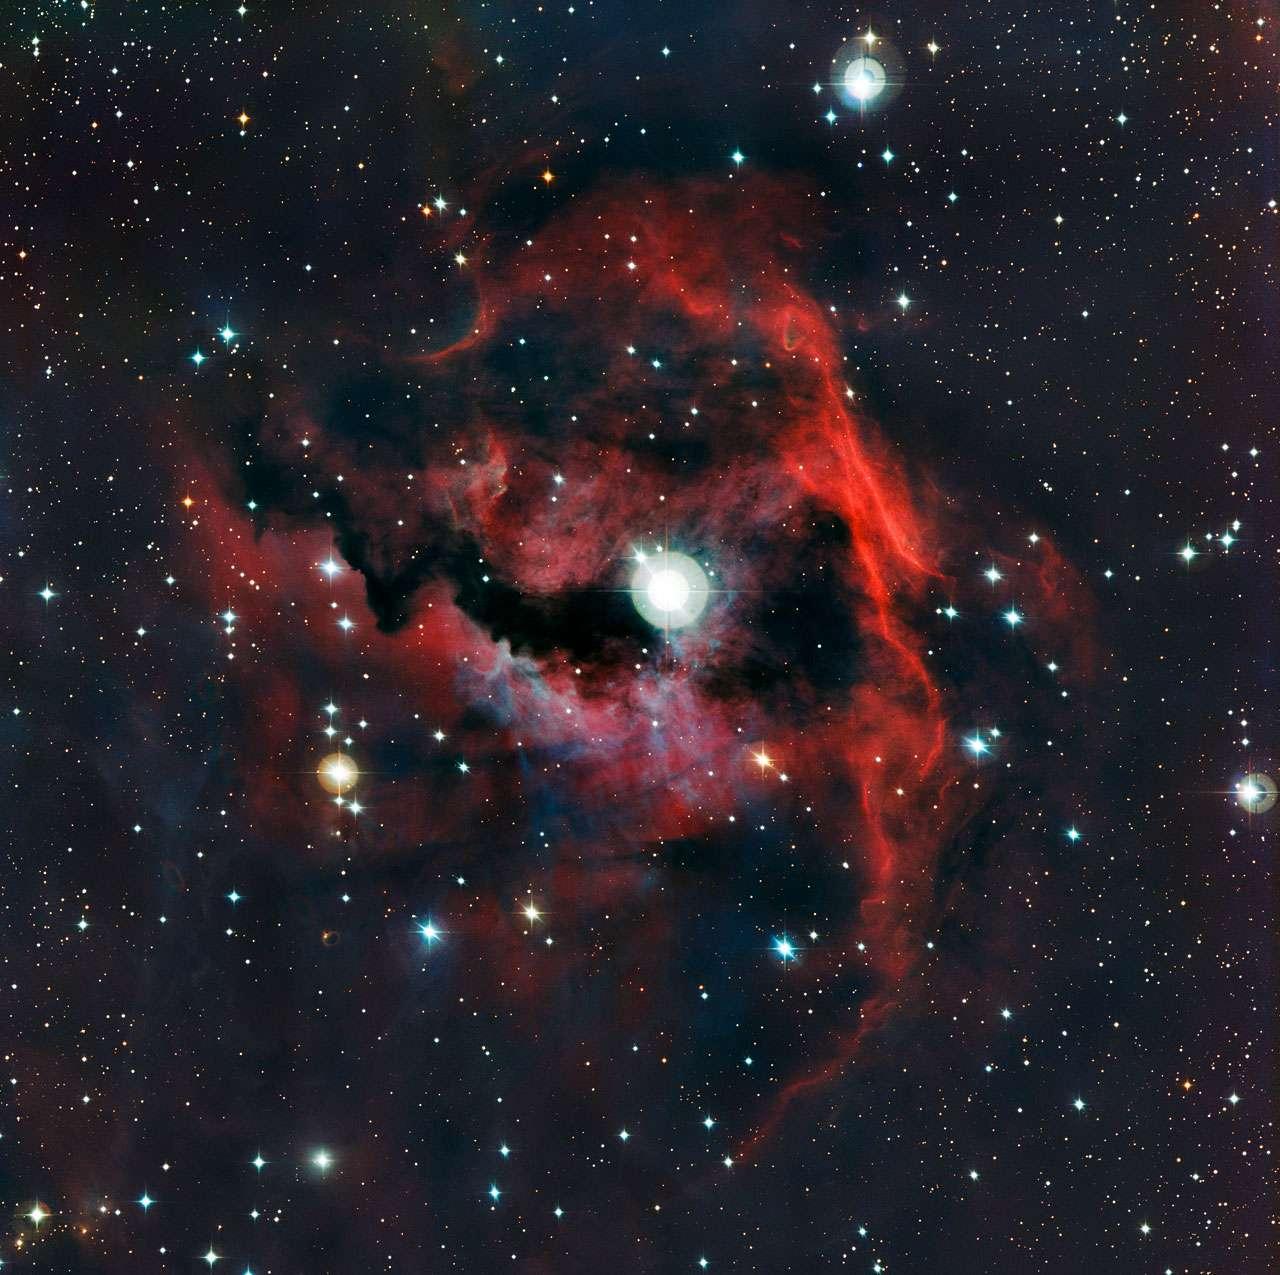 Cette vue détaillée de la tête de la nébuleuse de la Mouette (Sharpless 2-292) a été réalisée par la caméra WFI (Wide Field Imager) sur le télescope de 2,2 m MPG/ESO. © ESO